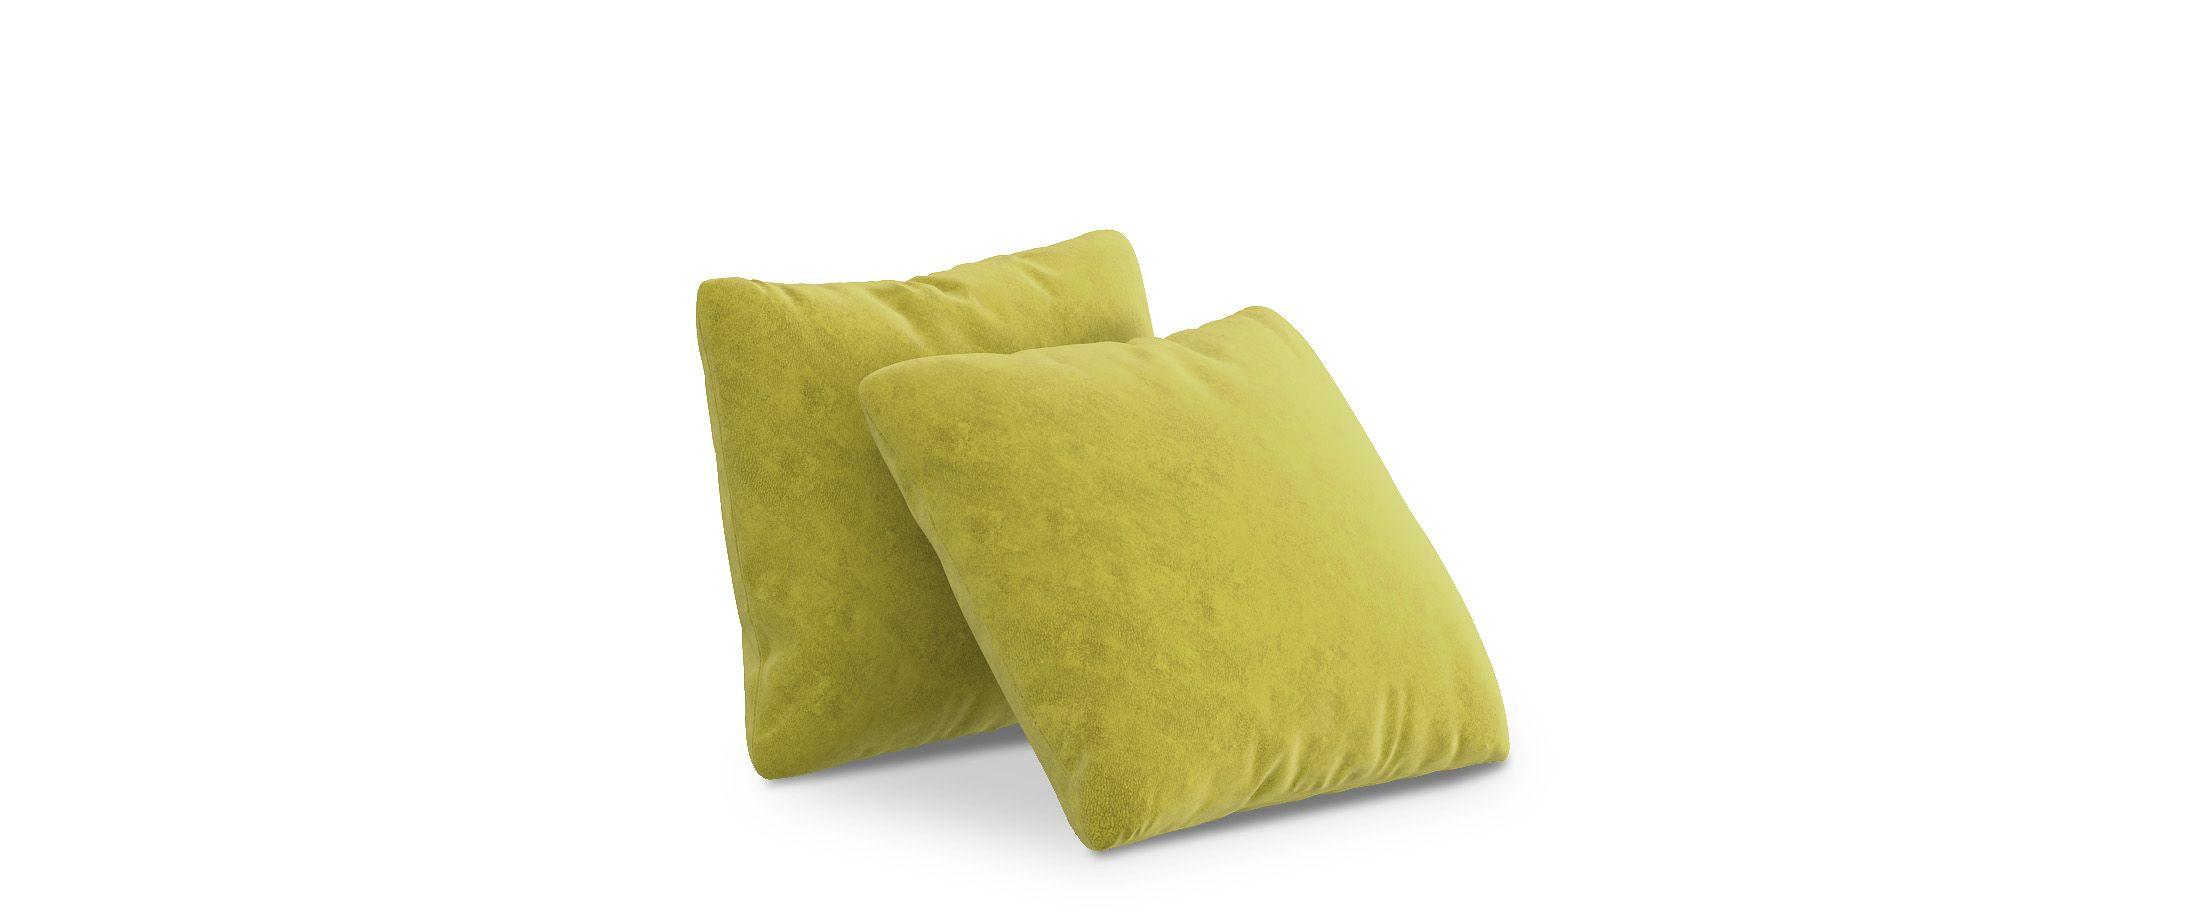 Подушка Модель 070Подушка Модель 070. Наполнитель из полиэфирного силиконизированное волокна в форме шариков. Гарантия 18 месяцев. Доставка от 1 дня.<br><br>Ширина см: 40<br>Глубина см: 40<br>Высота см: 4<br>Цвет: Желтый<br>Материал: Велюр<br>Наполнитель: Полиэфирное силиконизированное волокно